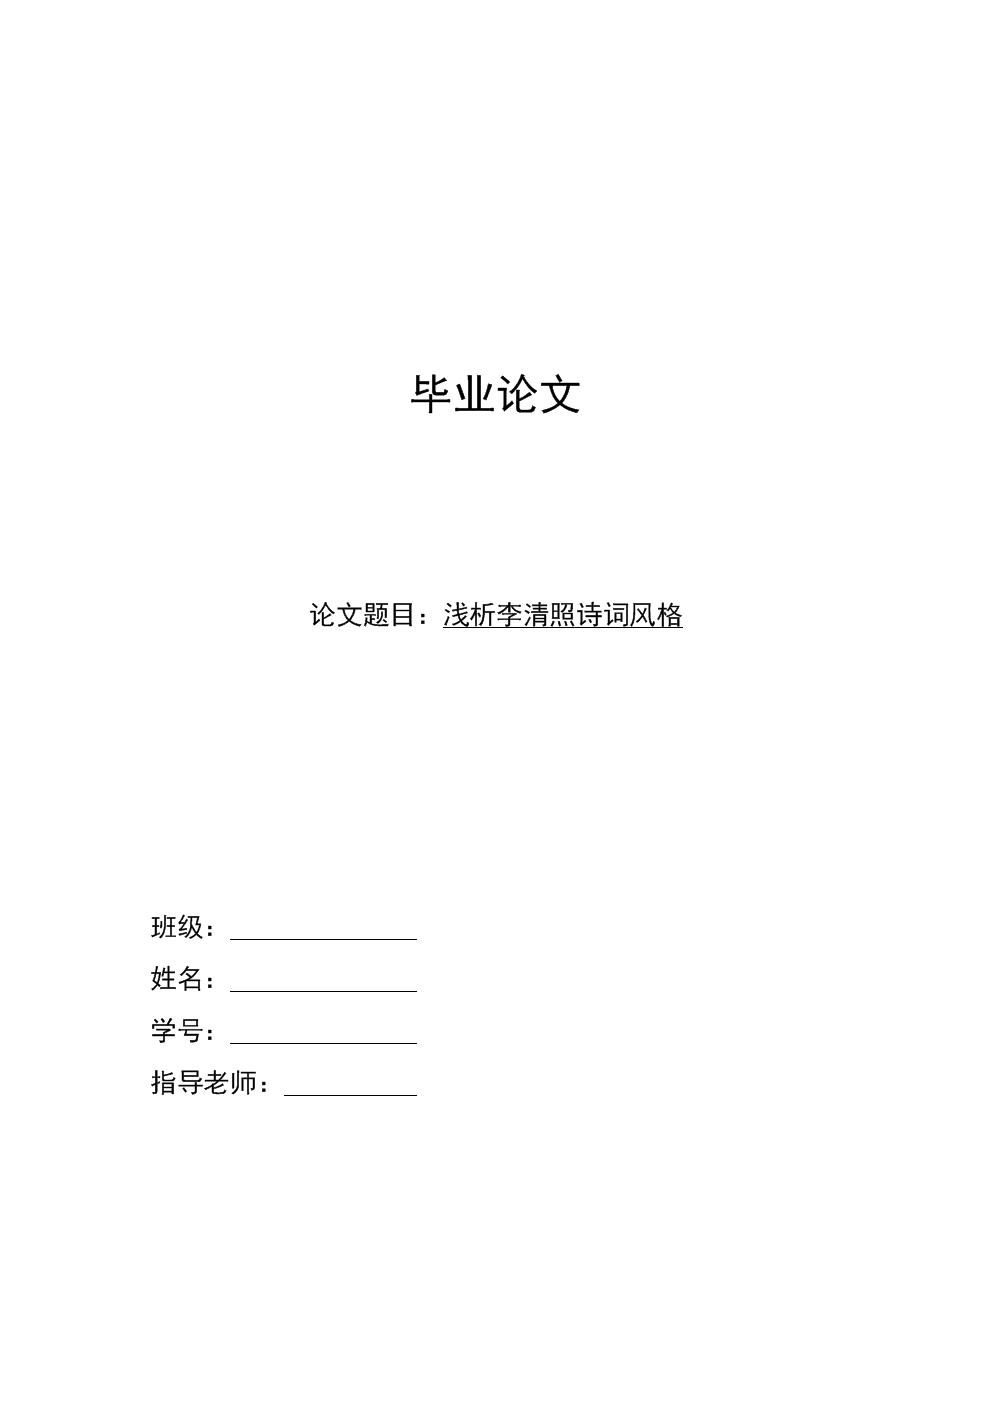 T022203+淺論李清照詩詞風格.docx